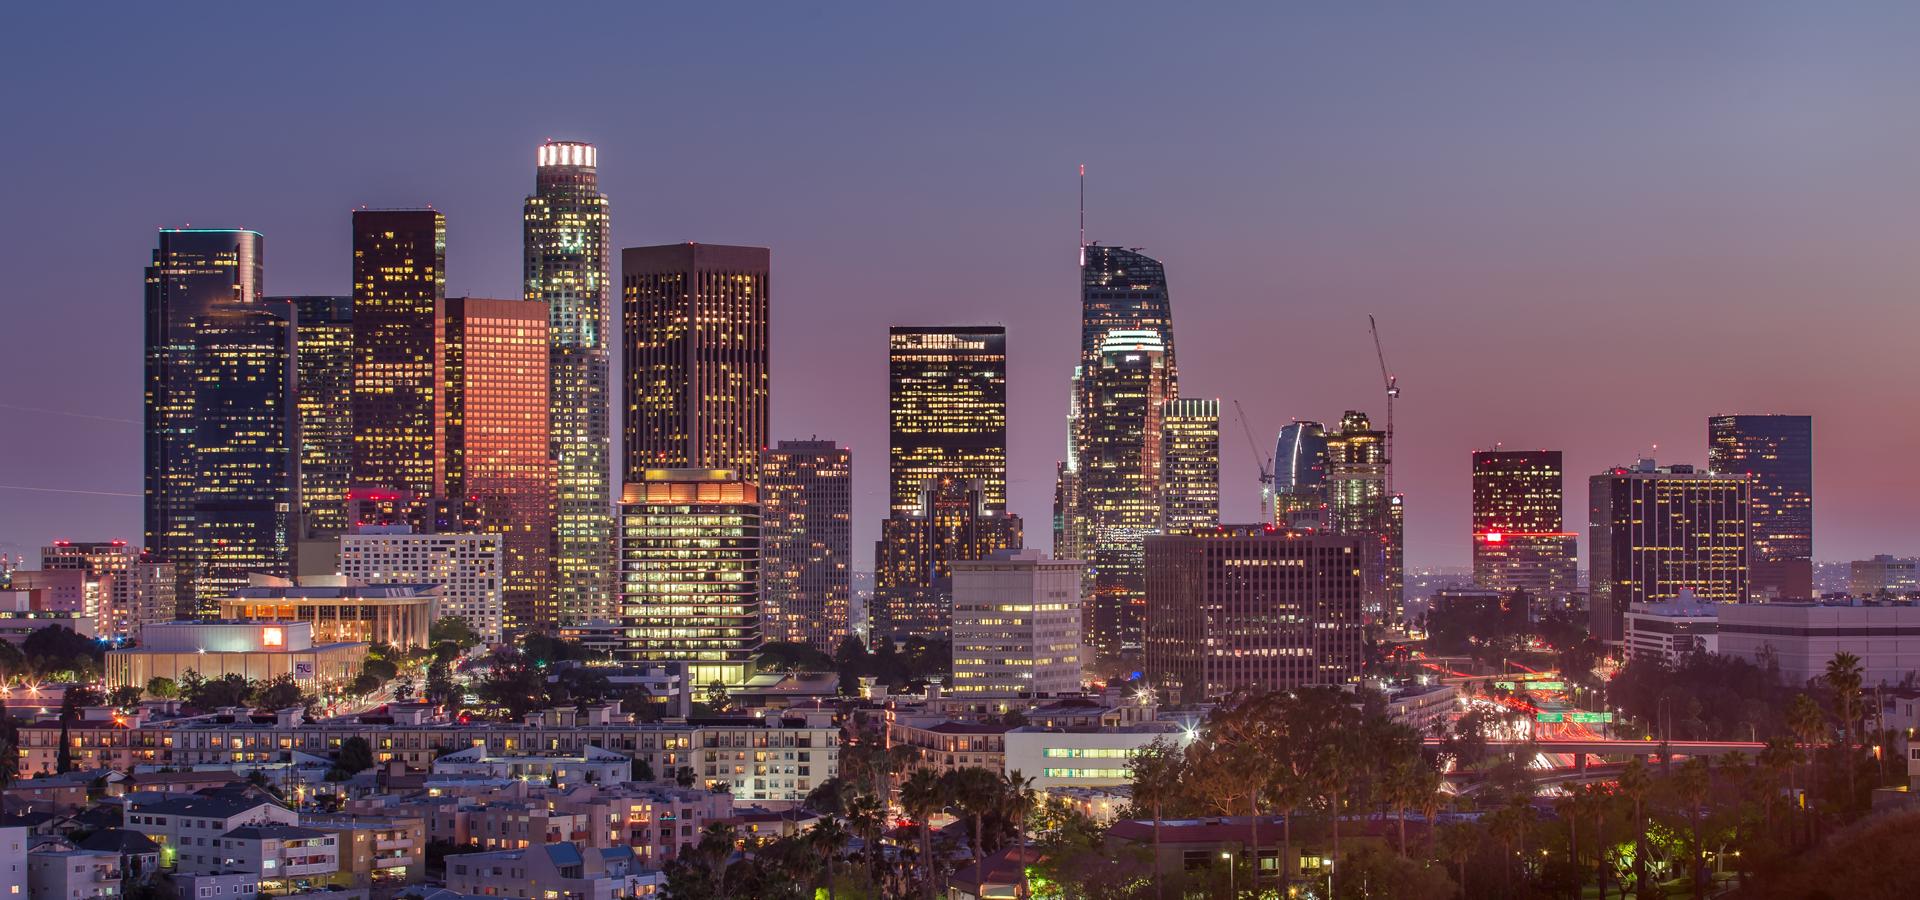 Peer-to-peer advisory in Santa Ana, Los Angeles, California, USA